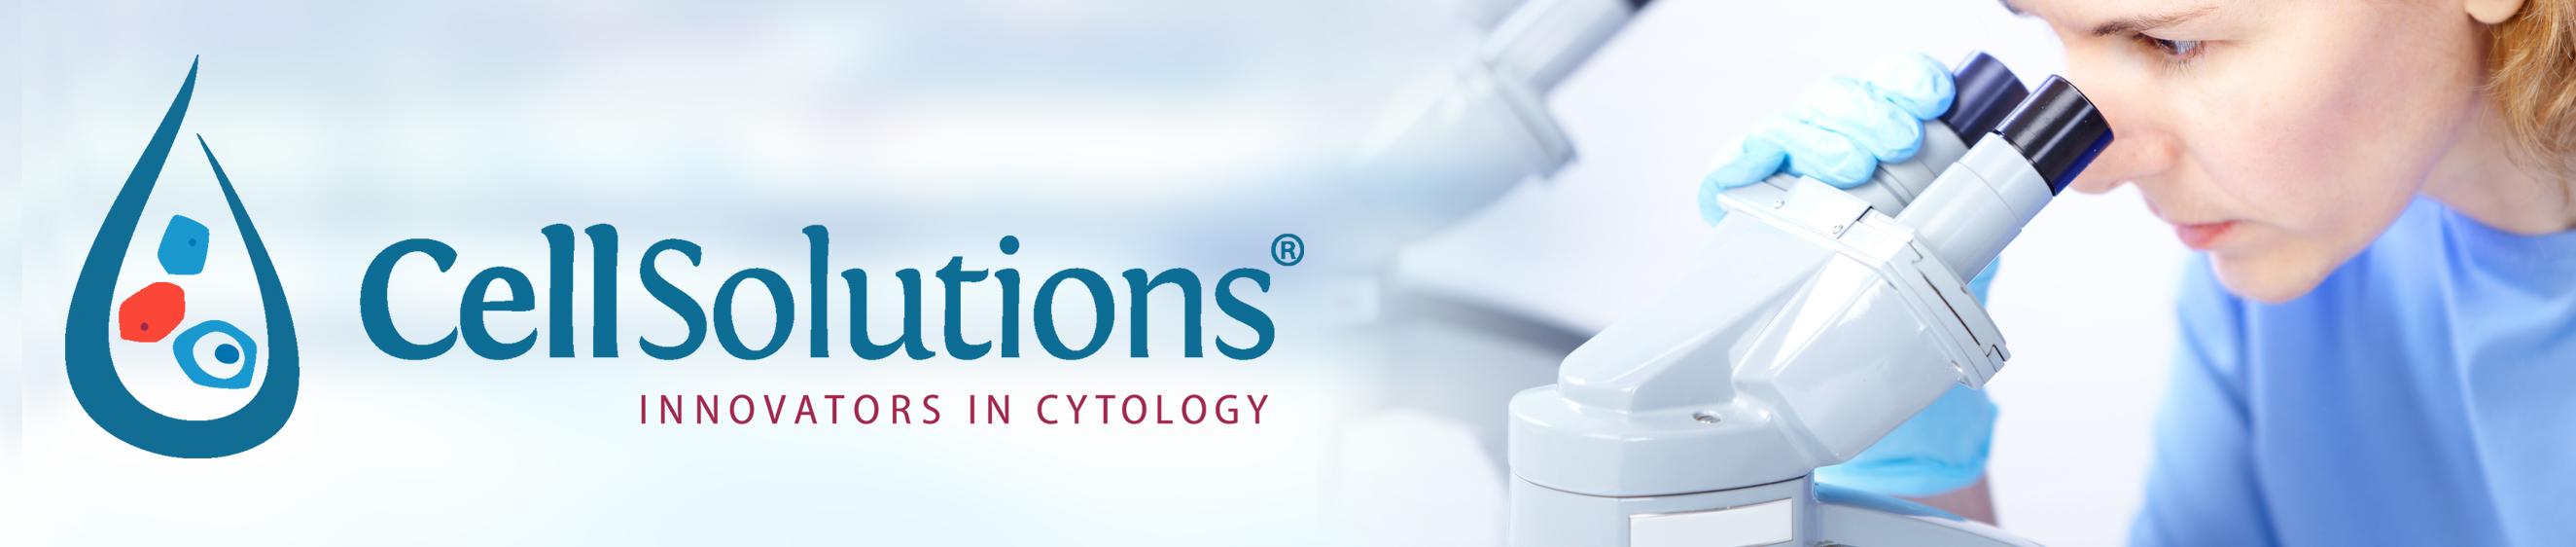 Cellsolutions1